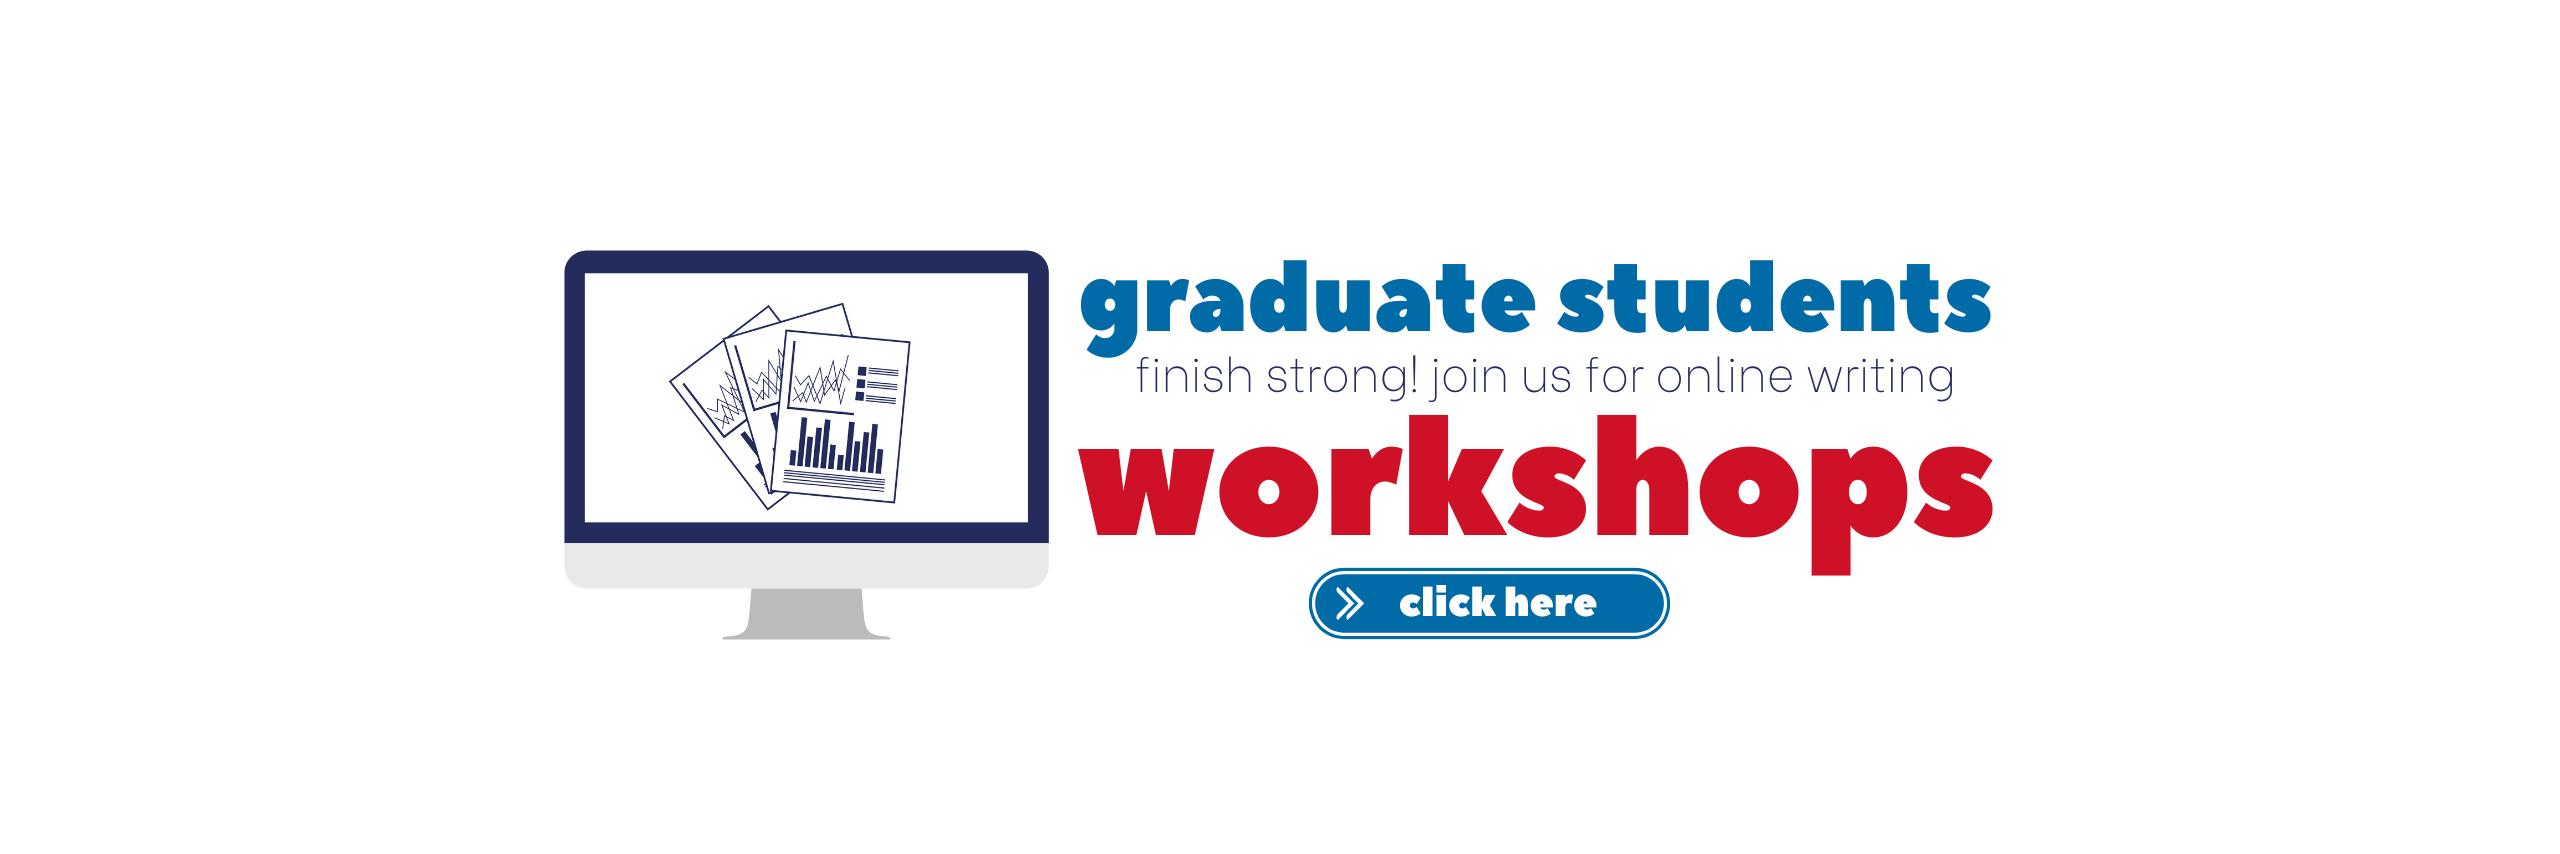 grad workshops banner 1